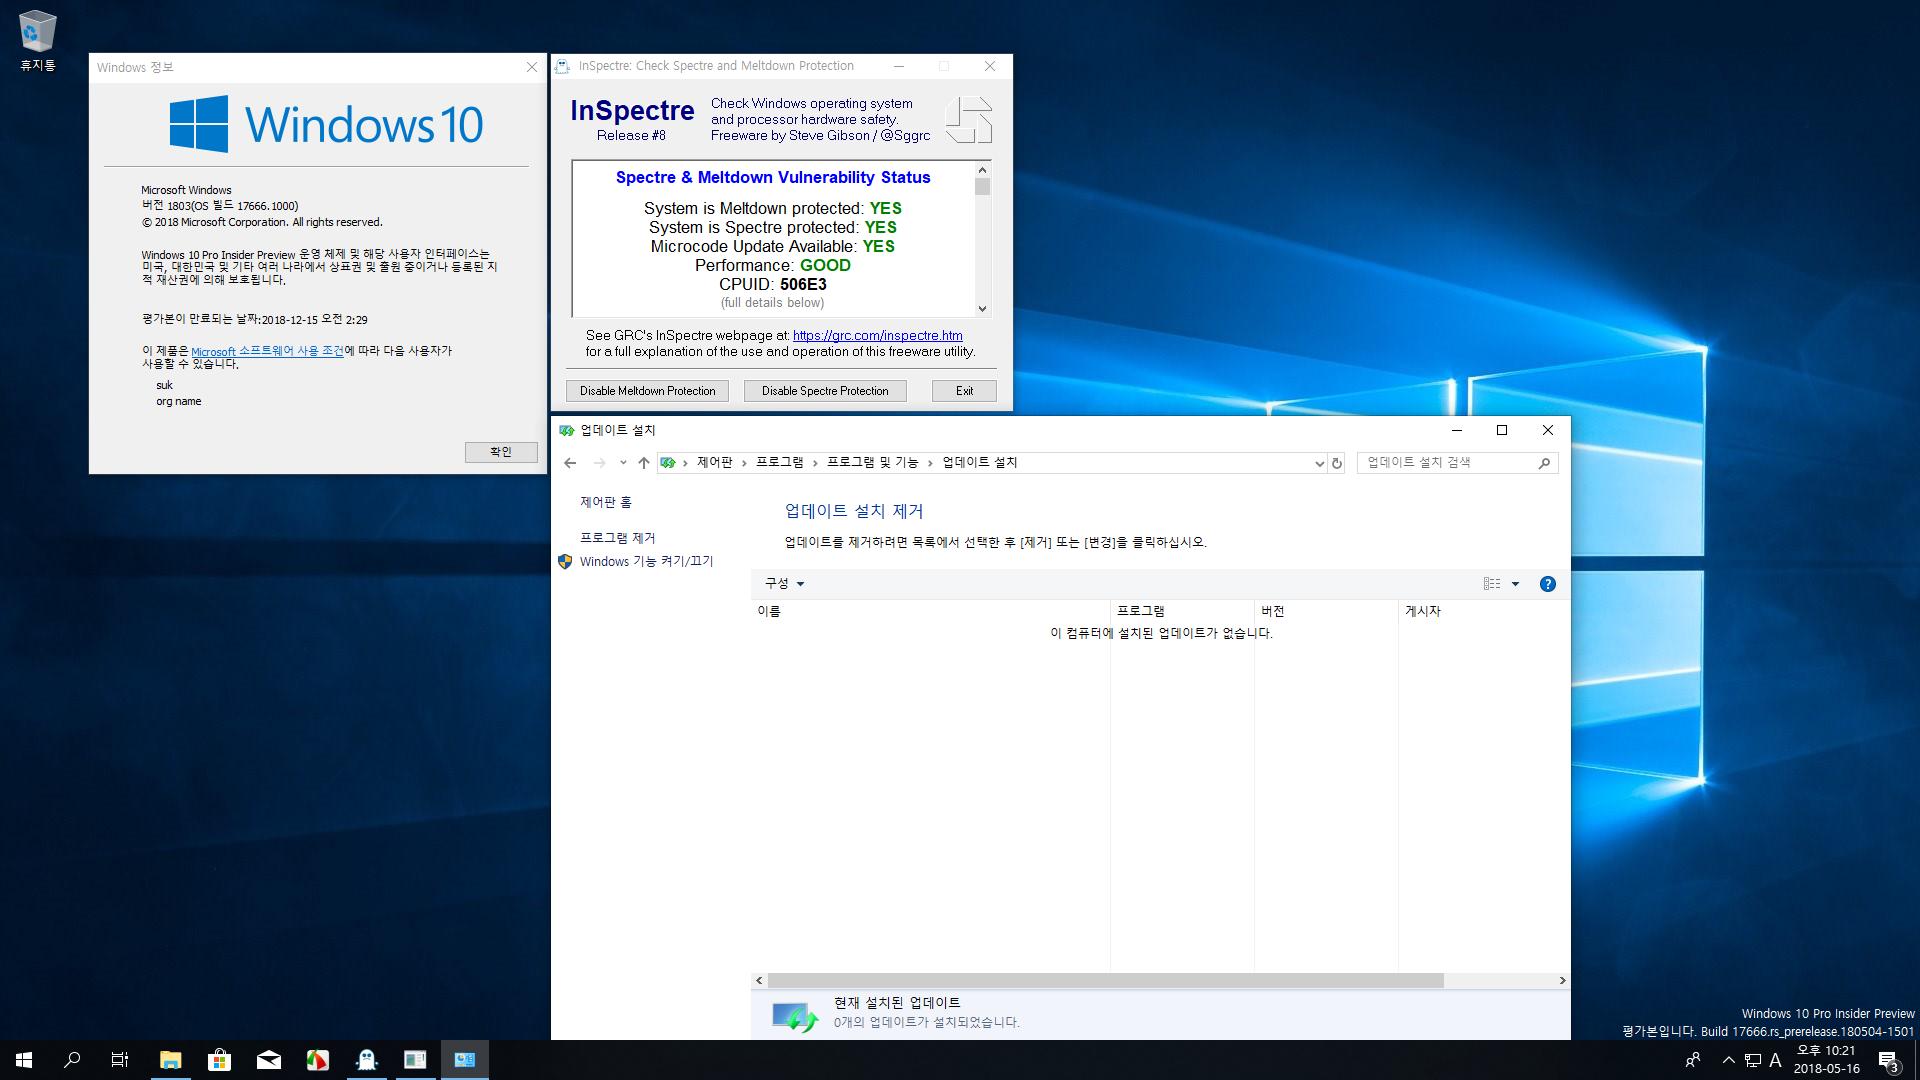 윈도10 레드스톤5 인사이더 프리뷰 최신 17666빌드로 인텔cpu 버그 [멜트다운과 스펙터] 패치 여부를 확인합니다 2018-05-16_222124.png